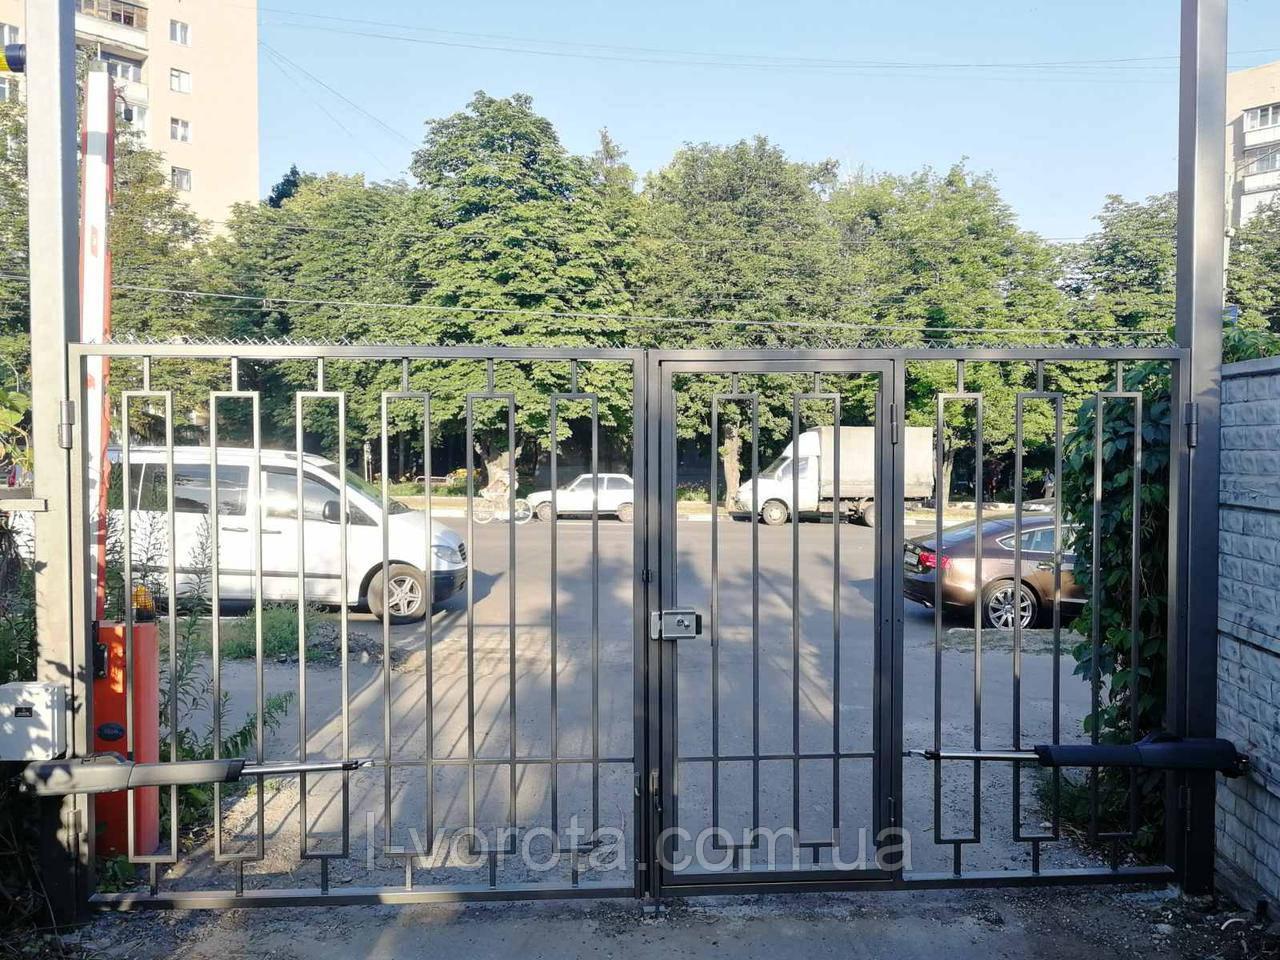 Автоматические распашные ворота 3900 * 2100 с врезной калиткой (дизайн решетка)